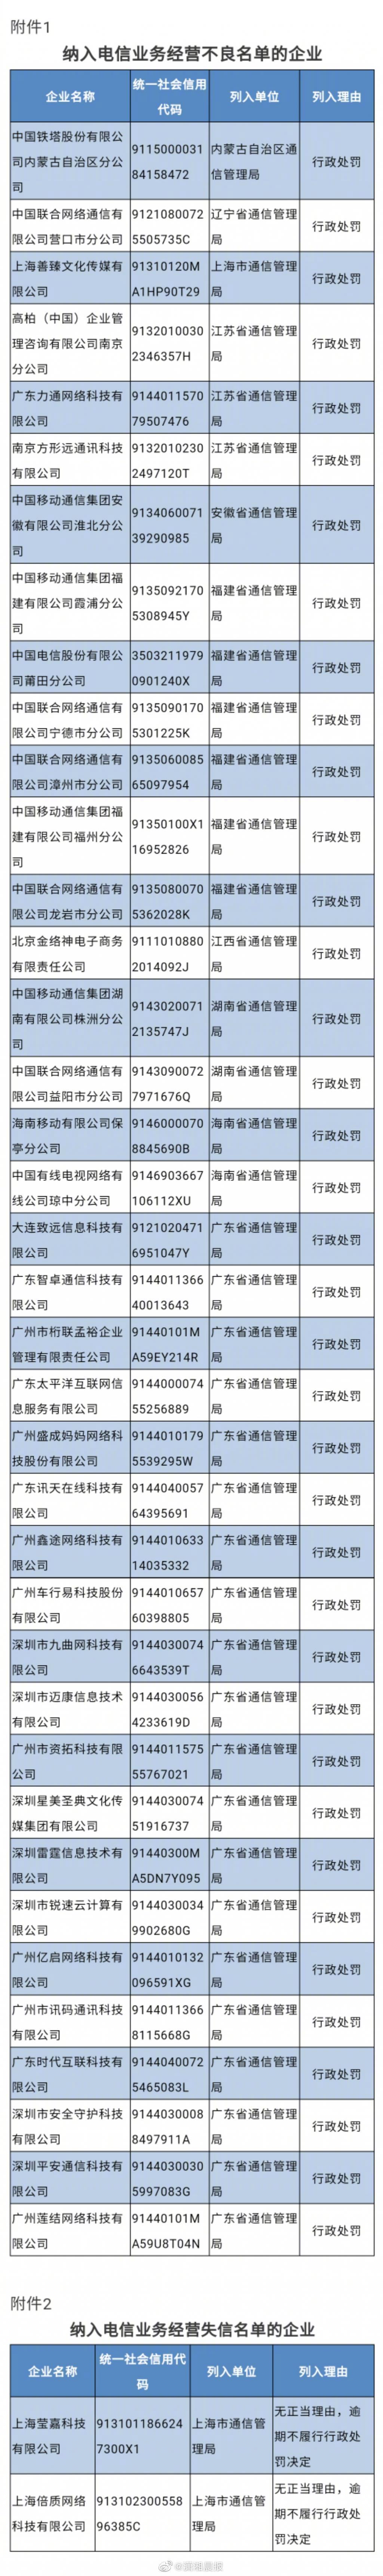 工信部通报电信业务经营不良企业名单